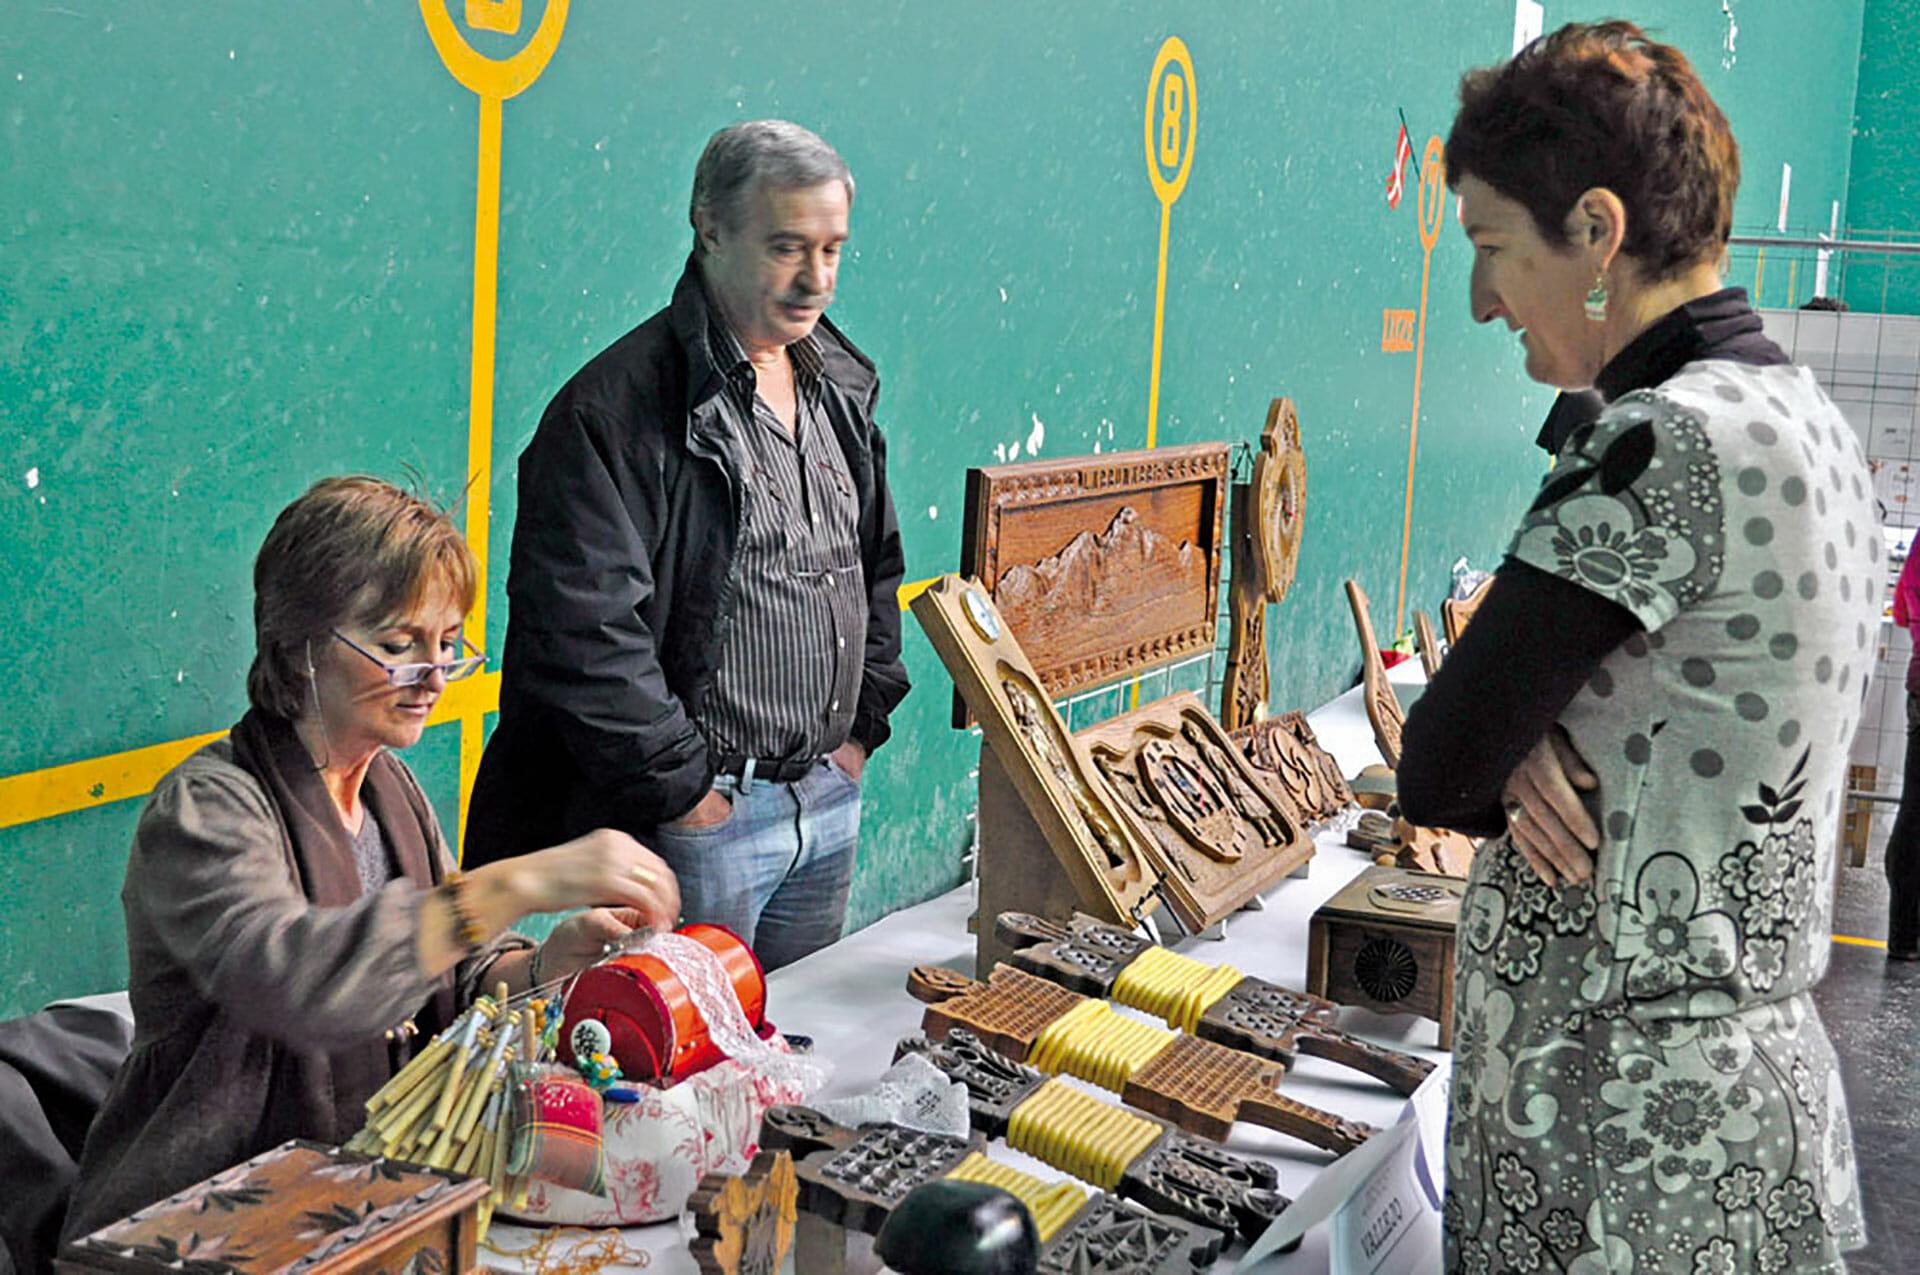 Jesus Vallejo continúa con la tradición de tallar argizaiolas en Amezketa